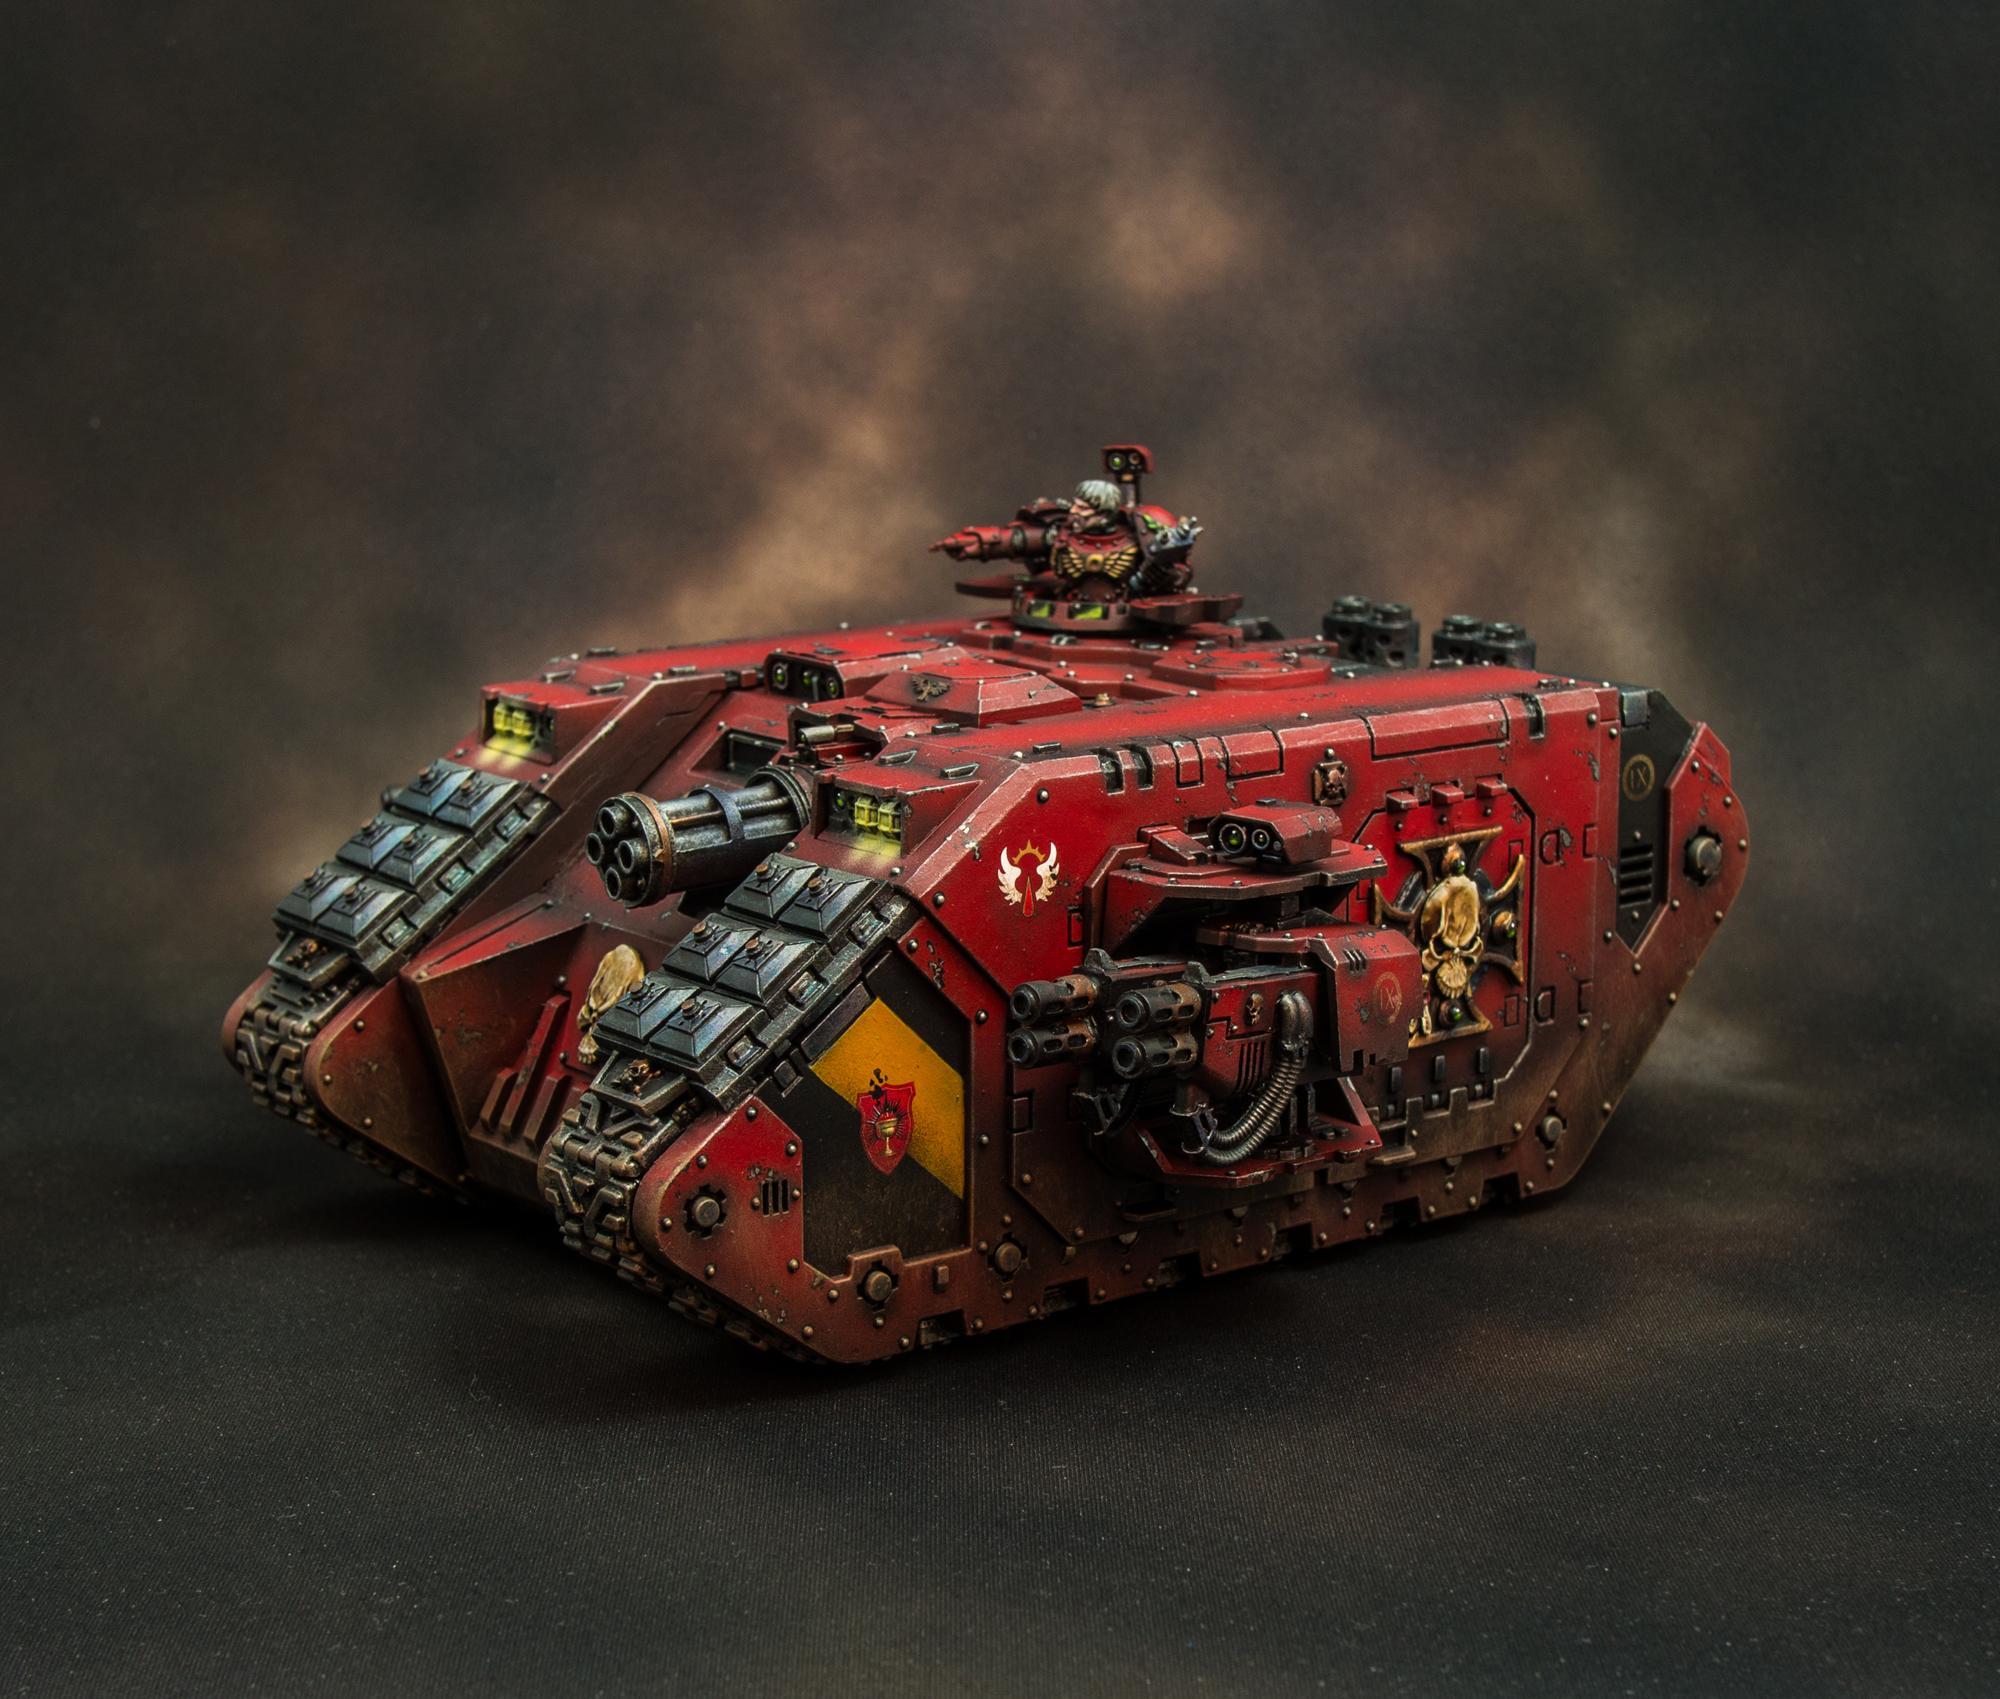 Blood Angels, Land Raider, Space Marines, Warhammer 40,000